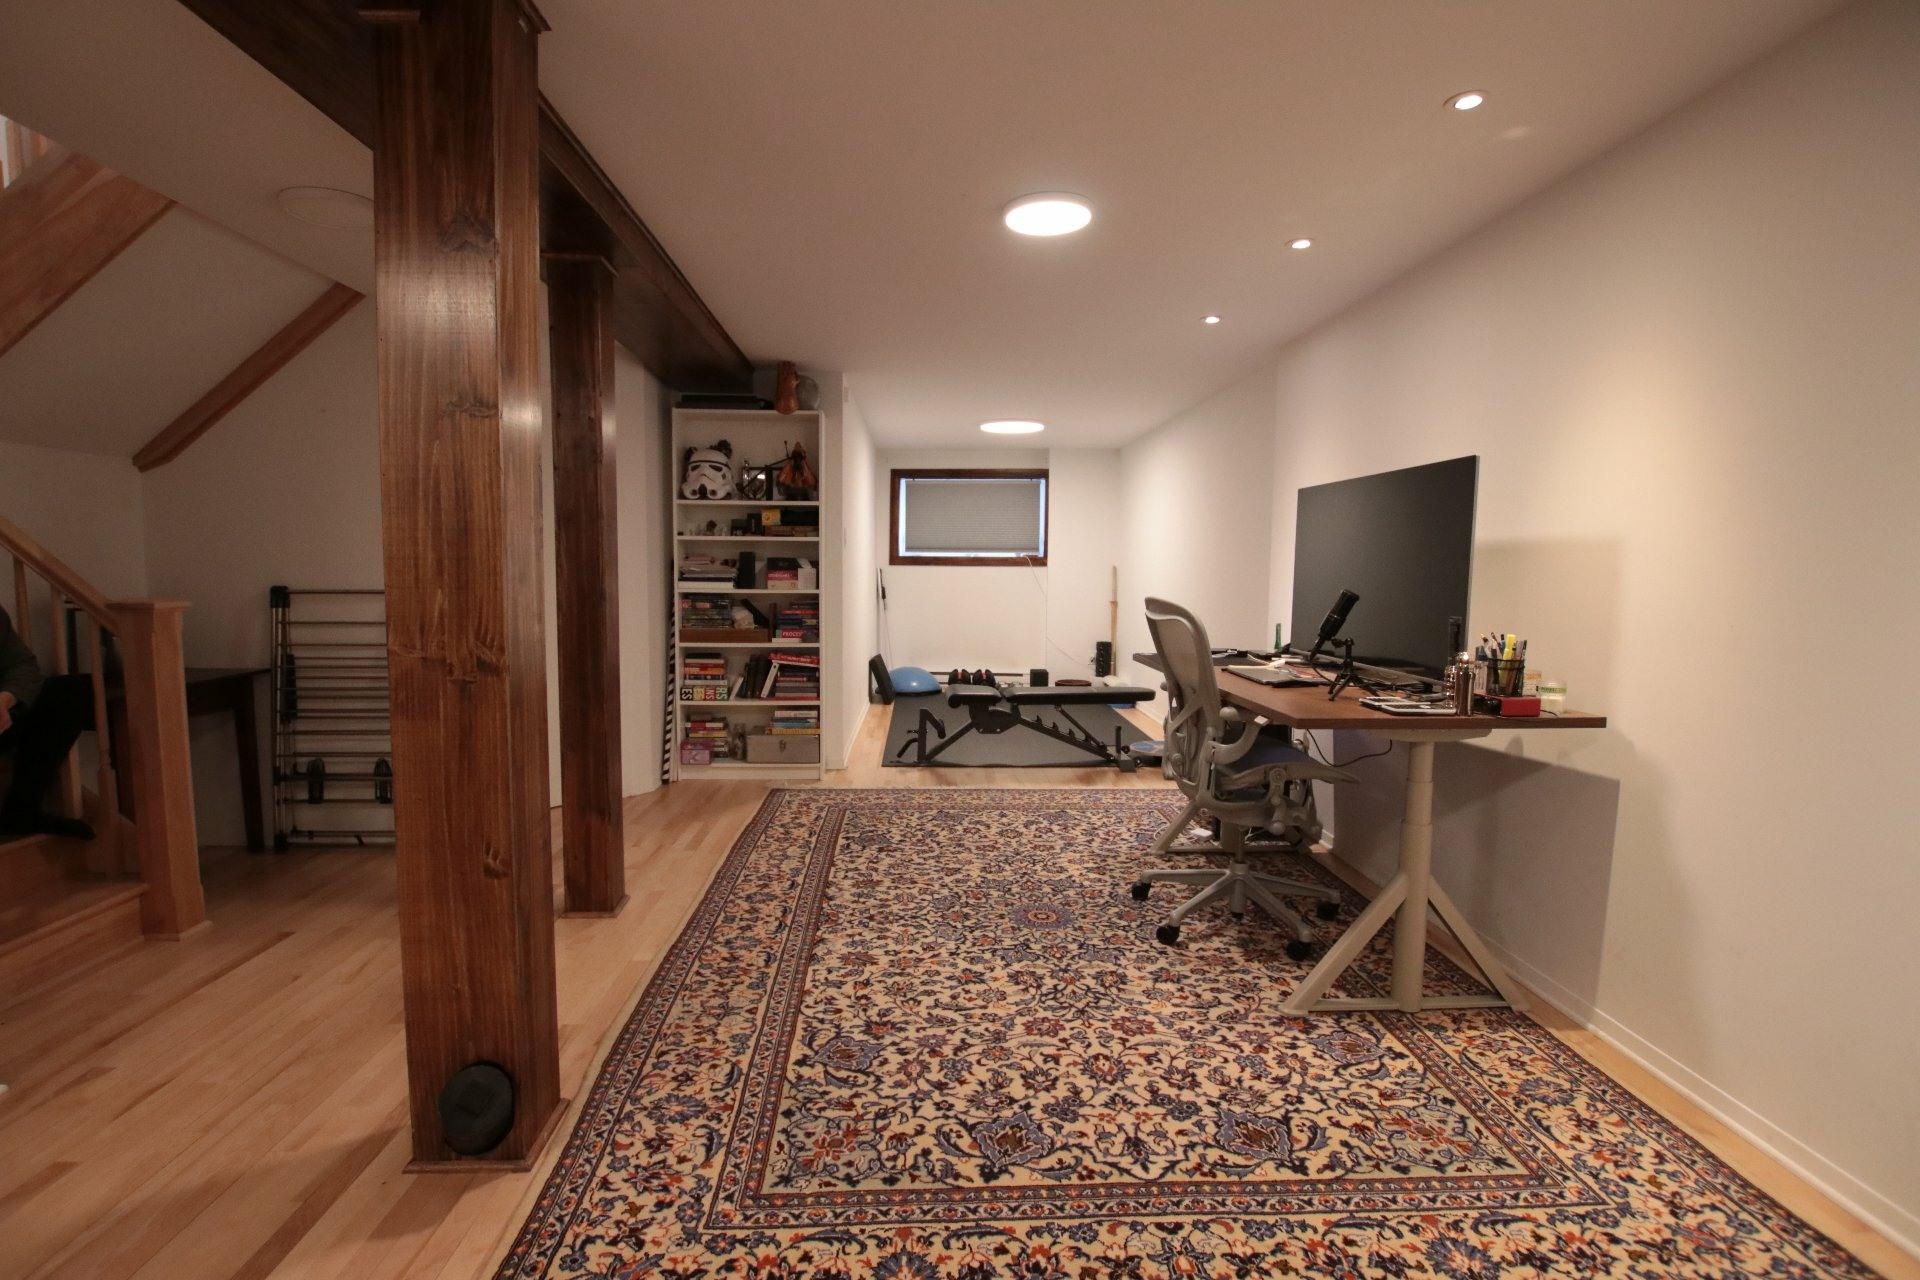 image 19 - Appartement À louer Côte-des-Neiges/Notre-Dame-de-Grâce Montréal  - 7 pièces